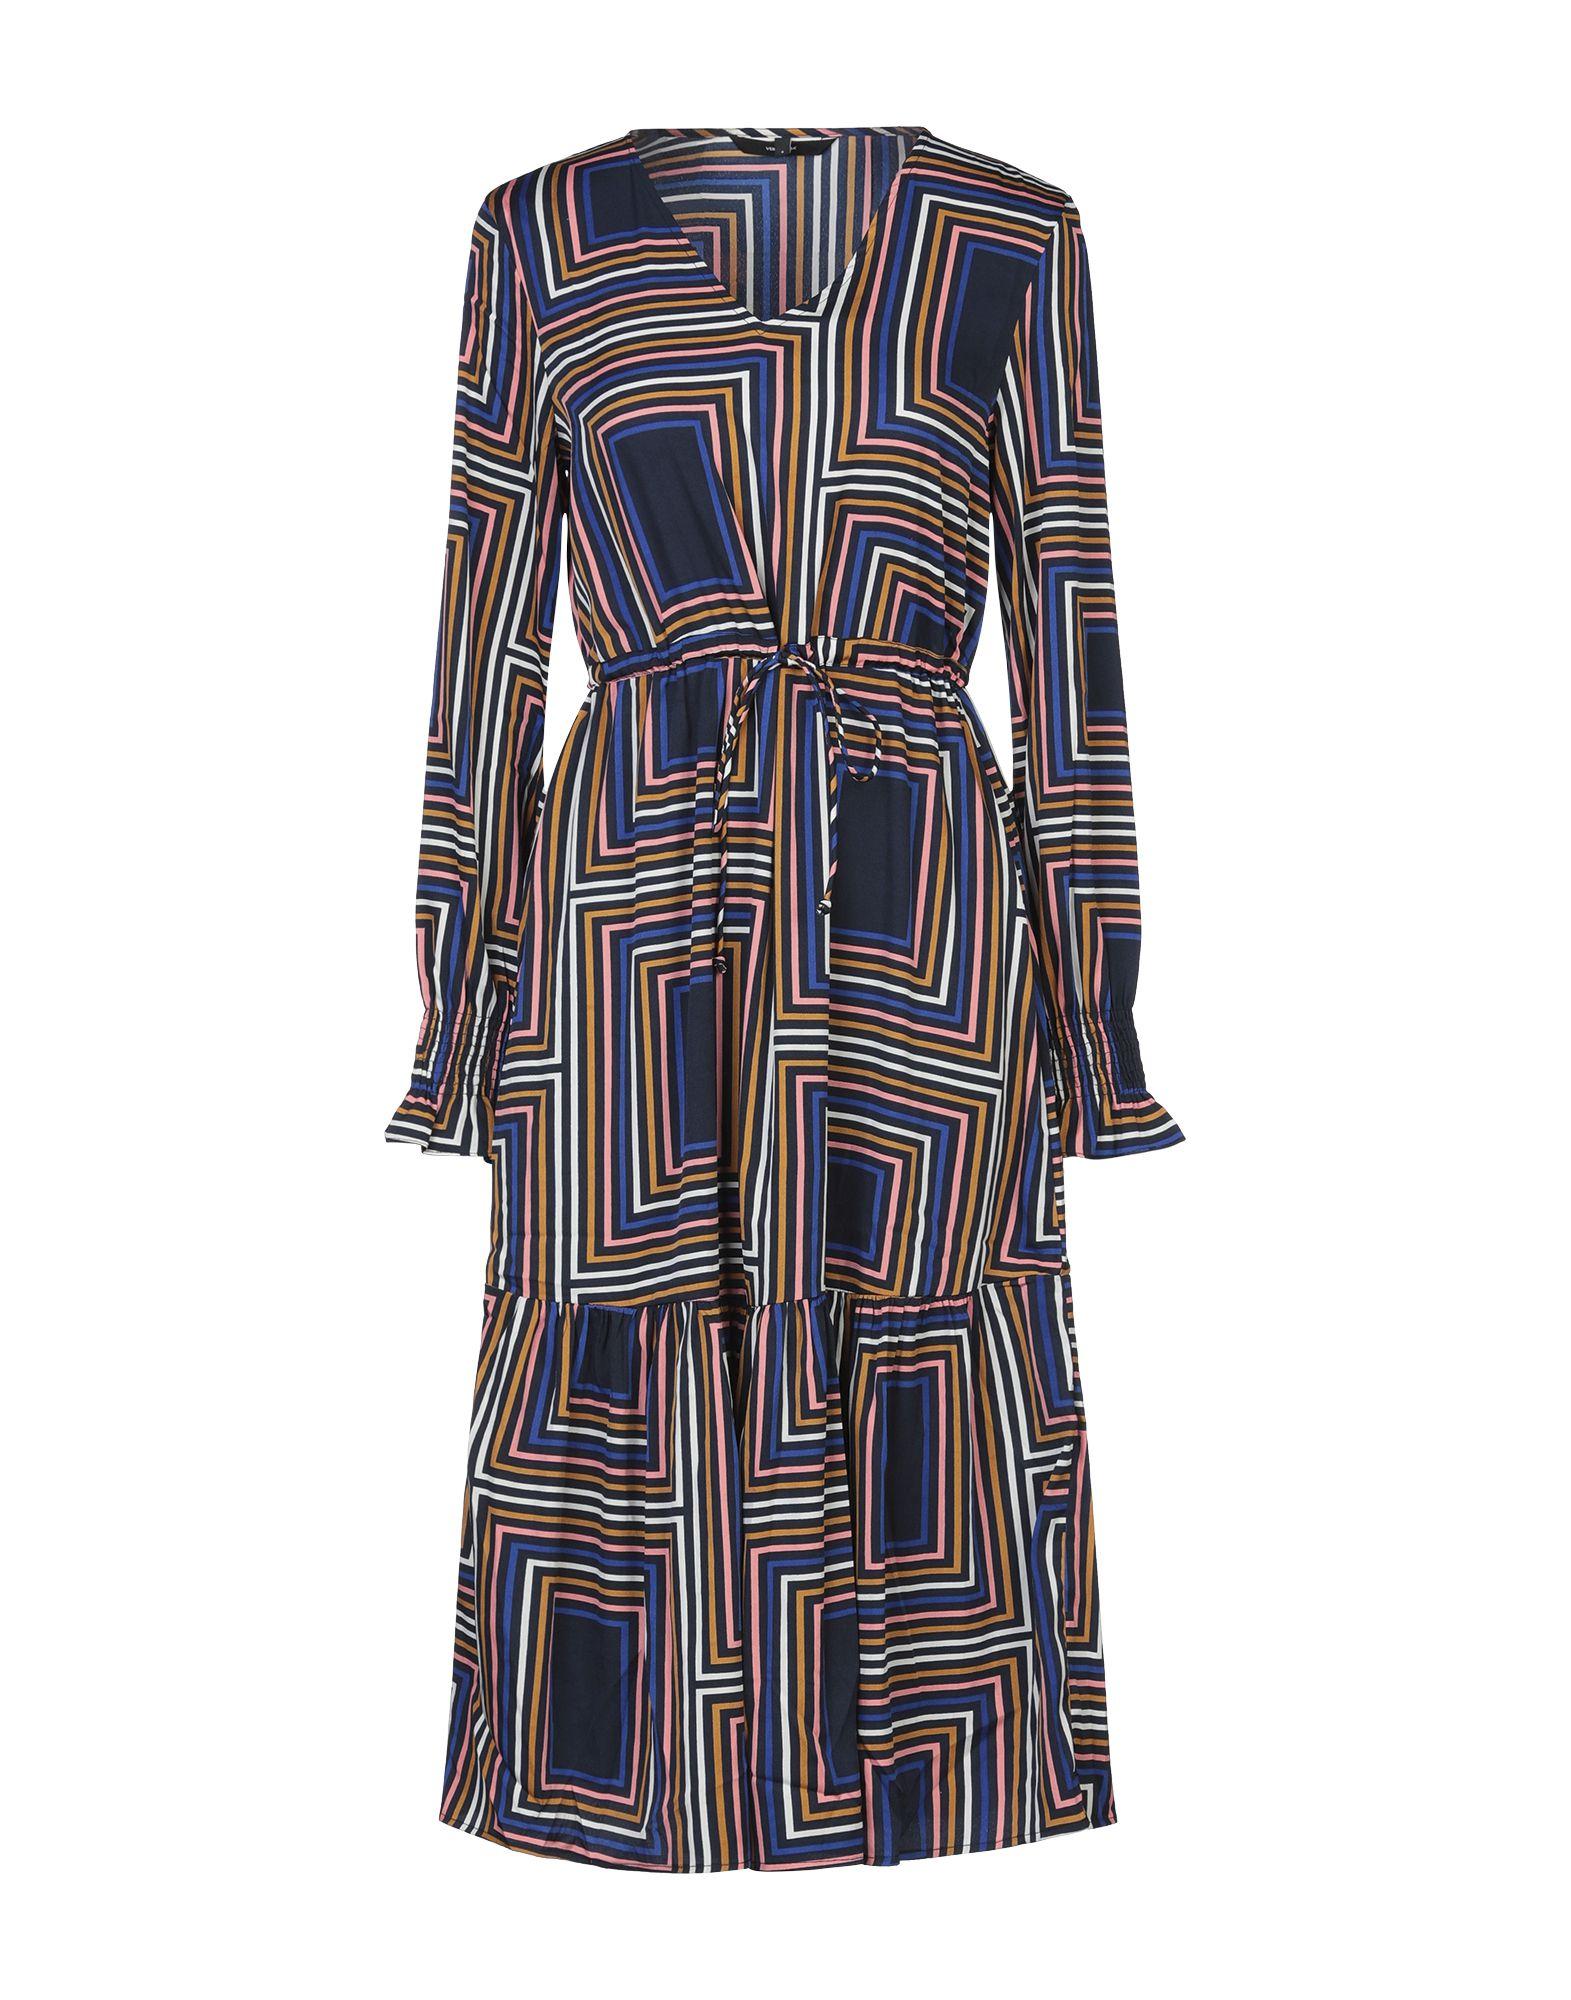 VERO MODA Платье длиной 3/4 платье status moda цвет черный page 4